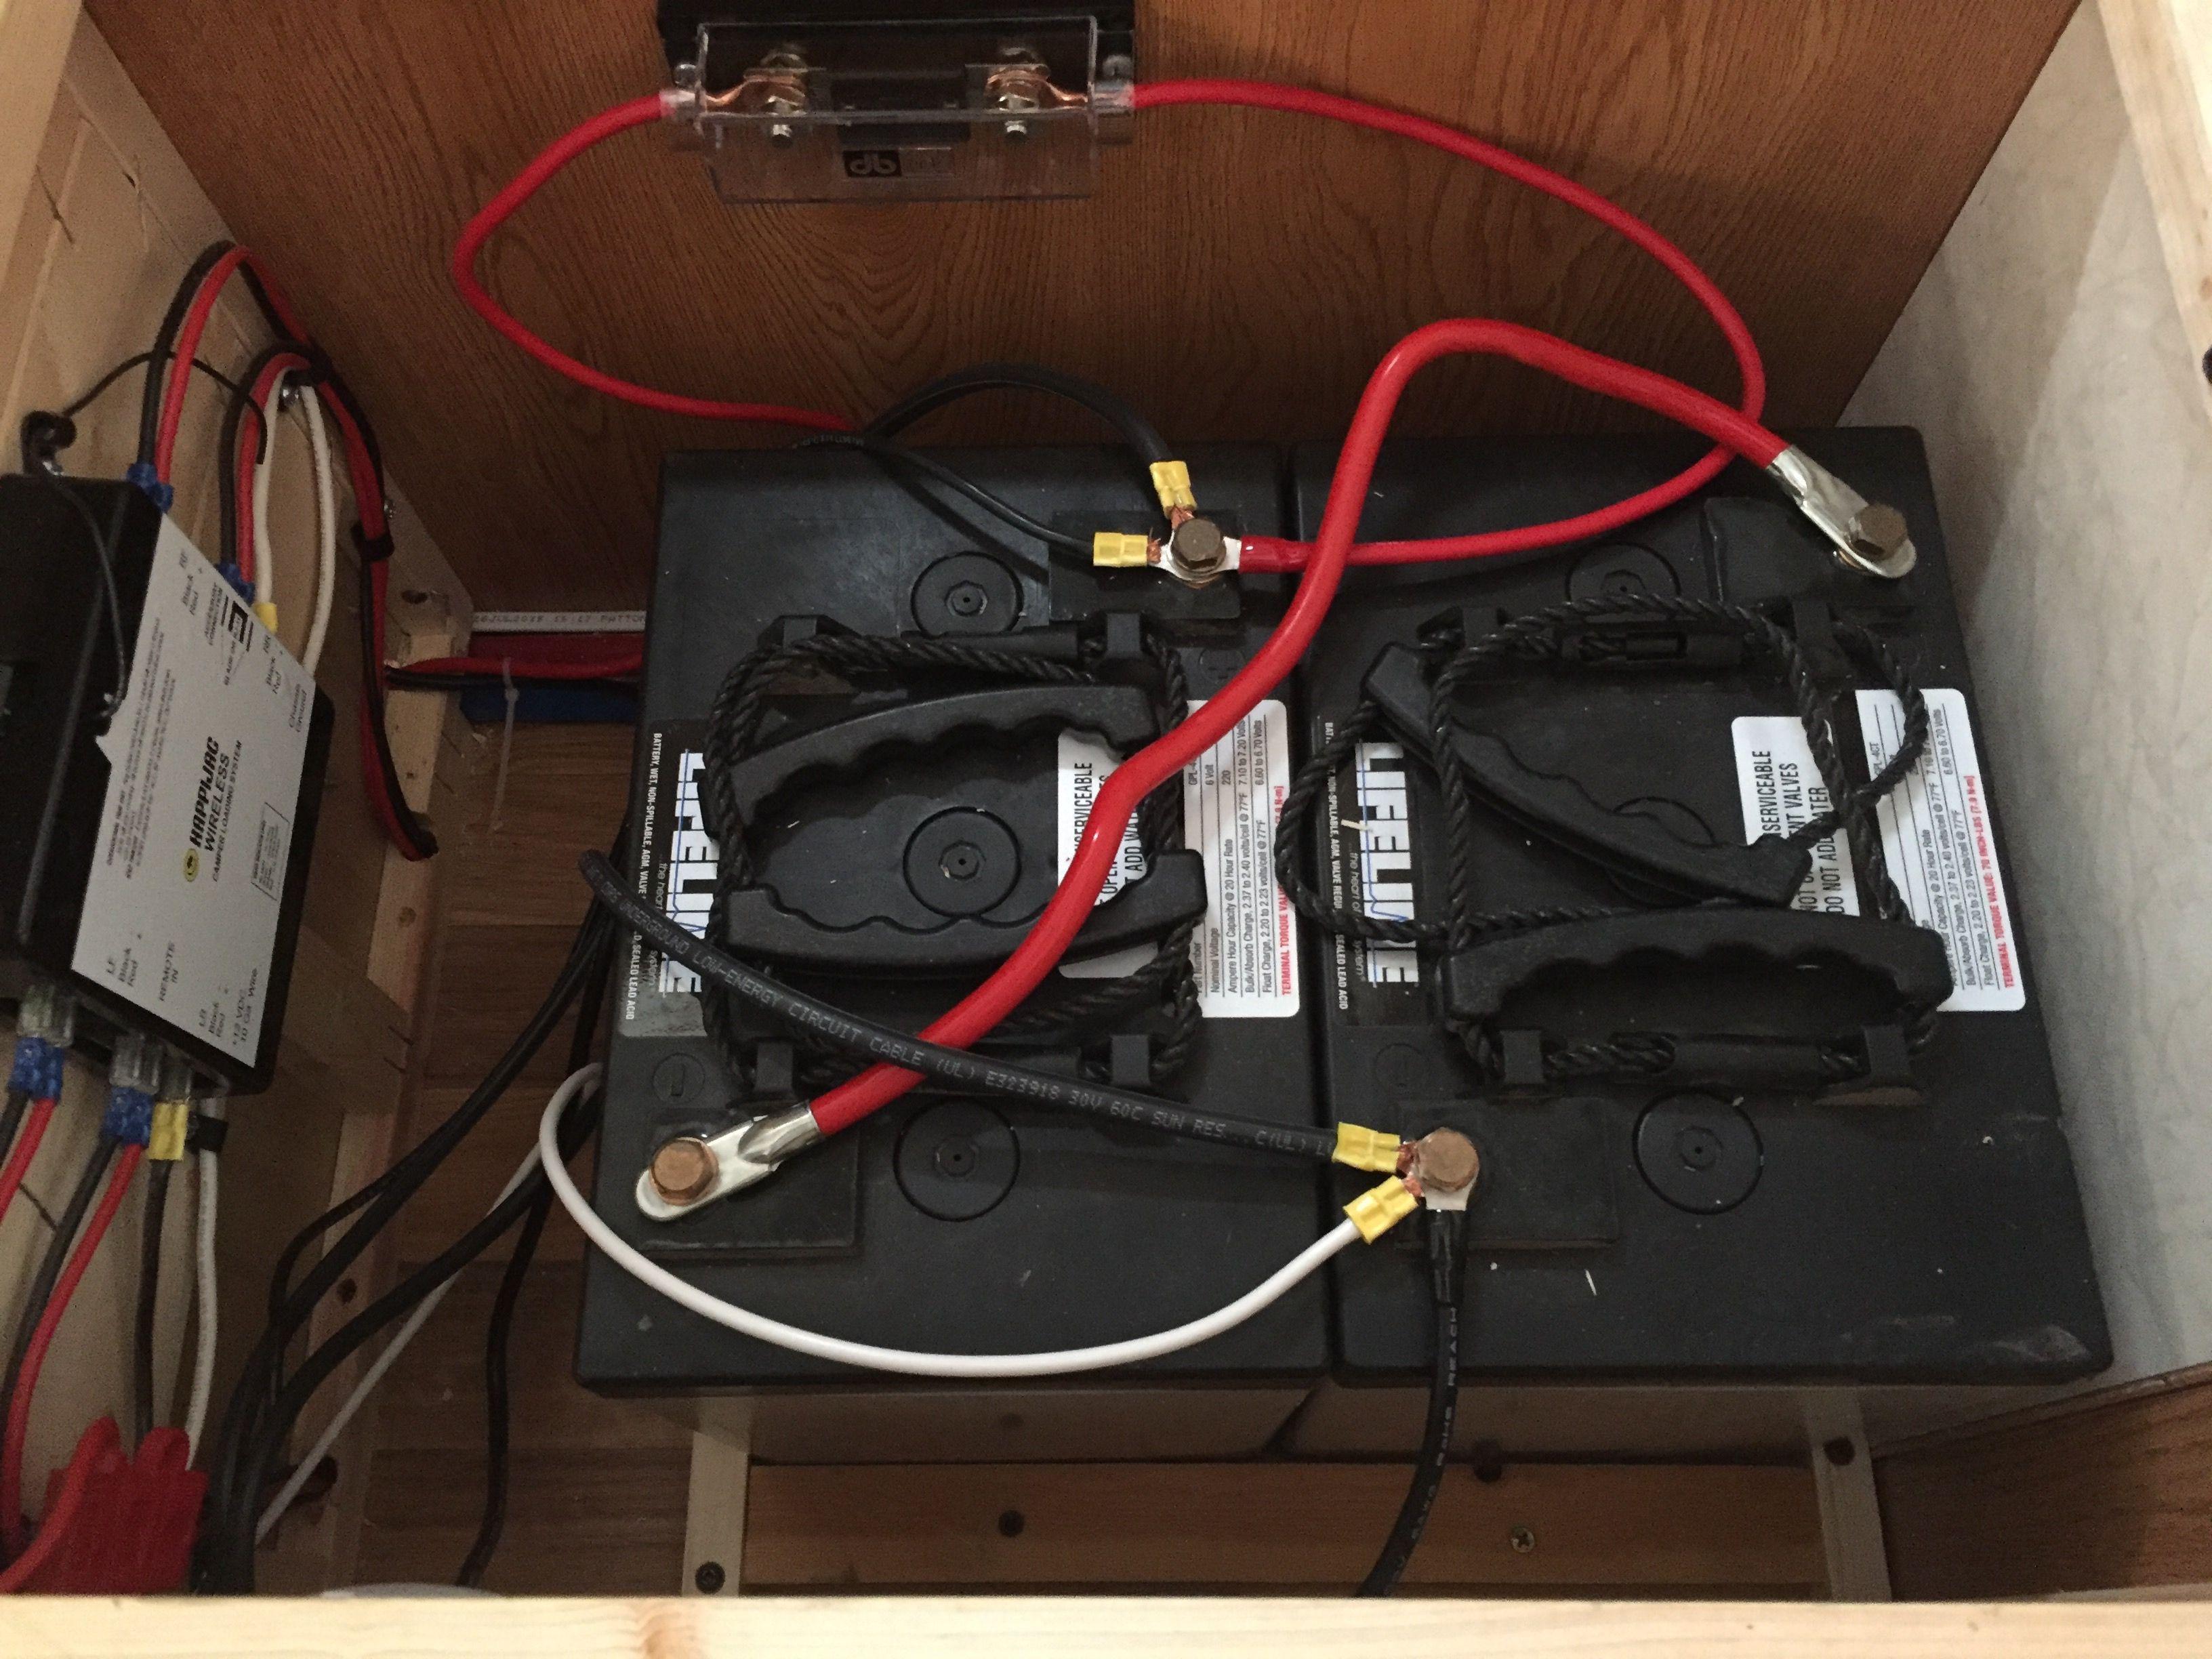 inverter wiring truck livin 39 pinterest truck camper. Black Bedroom Furniture Sets. Home Design Ideas